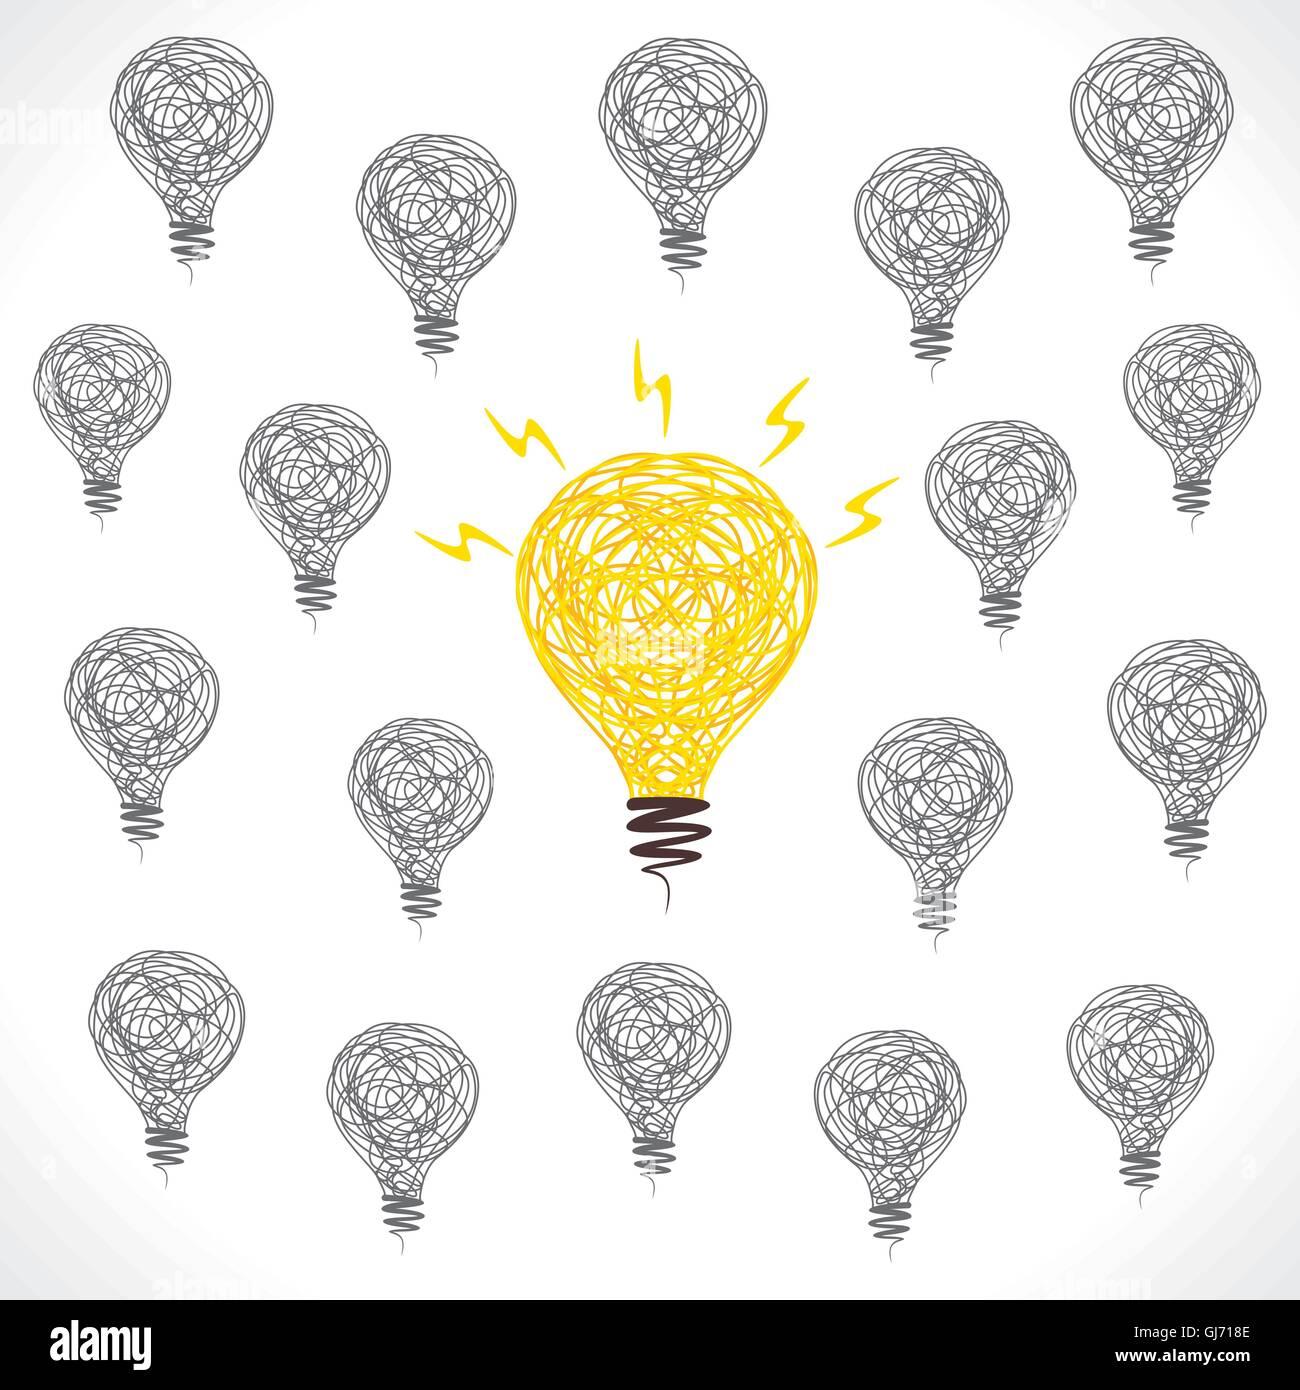 Nuova idea di lampadina centro design concept vettore Immagini Stock